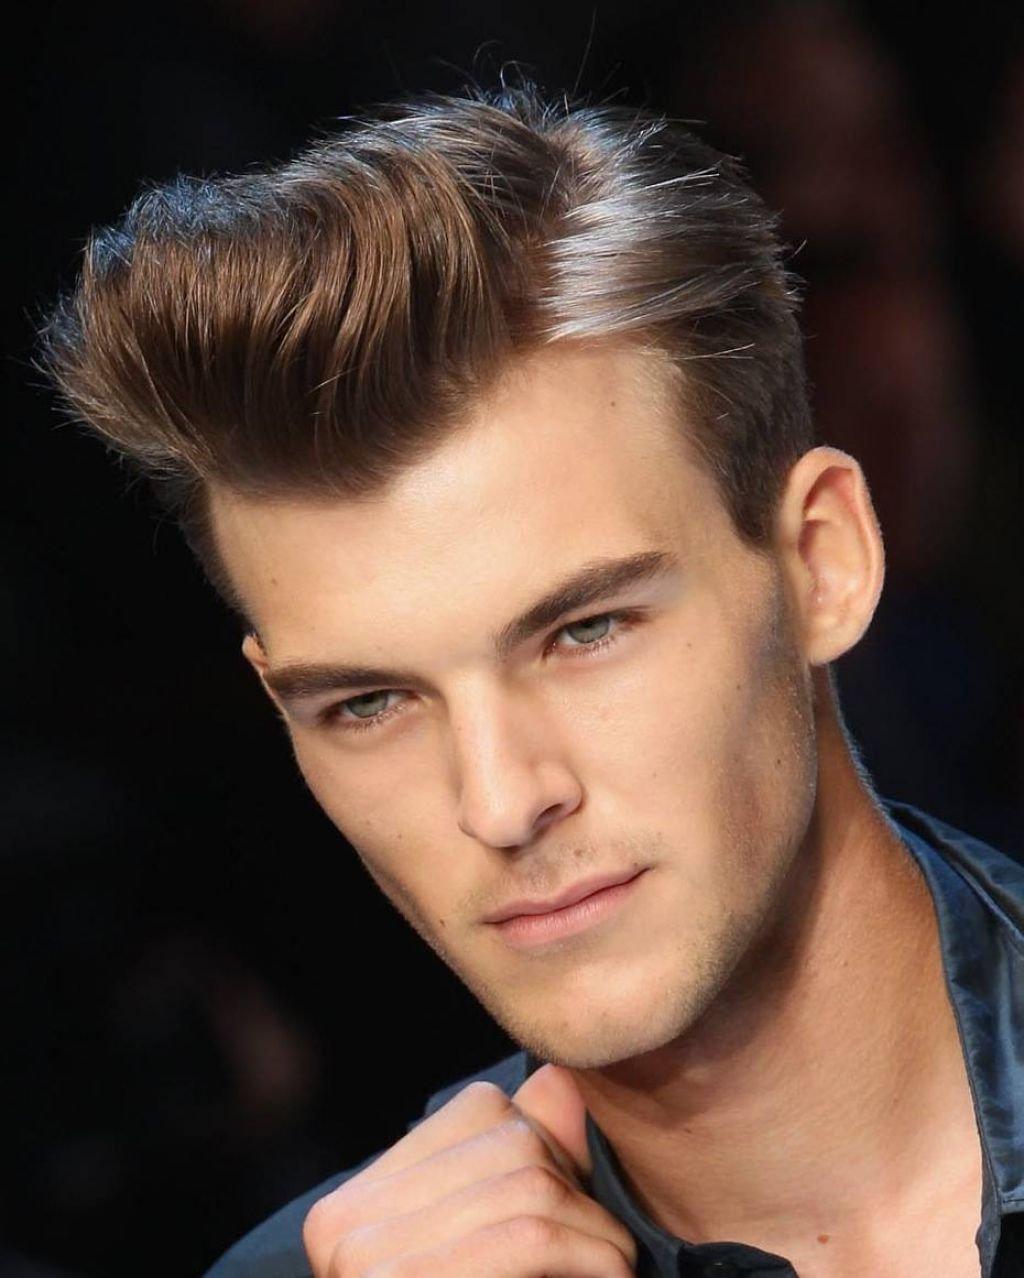 Мужские причёски на квадратное лицо